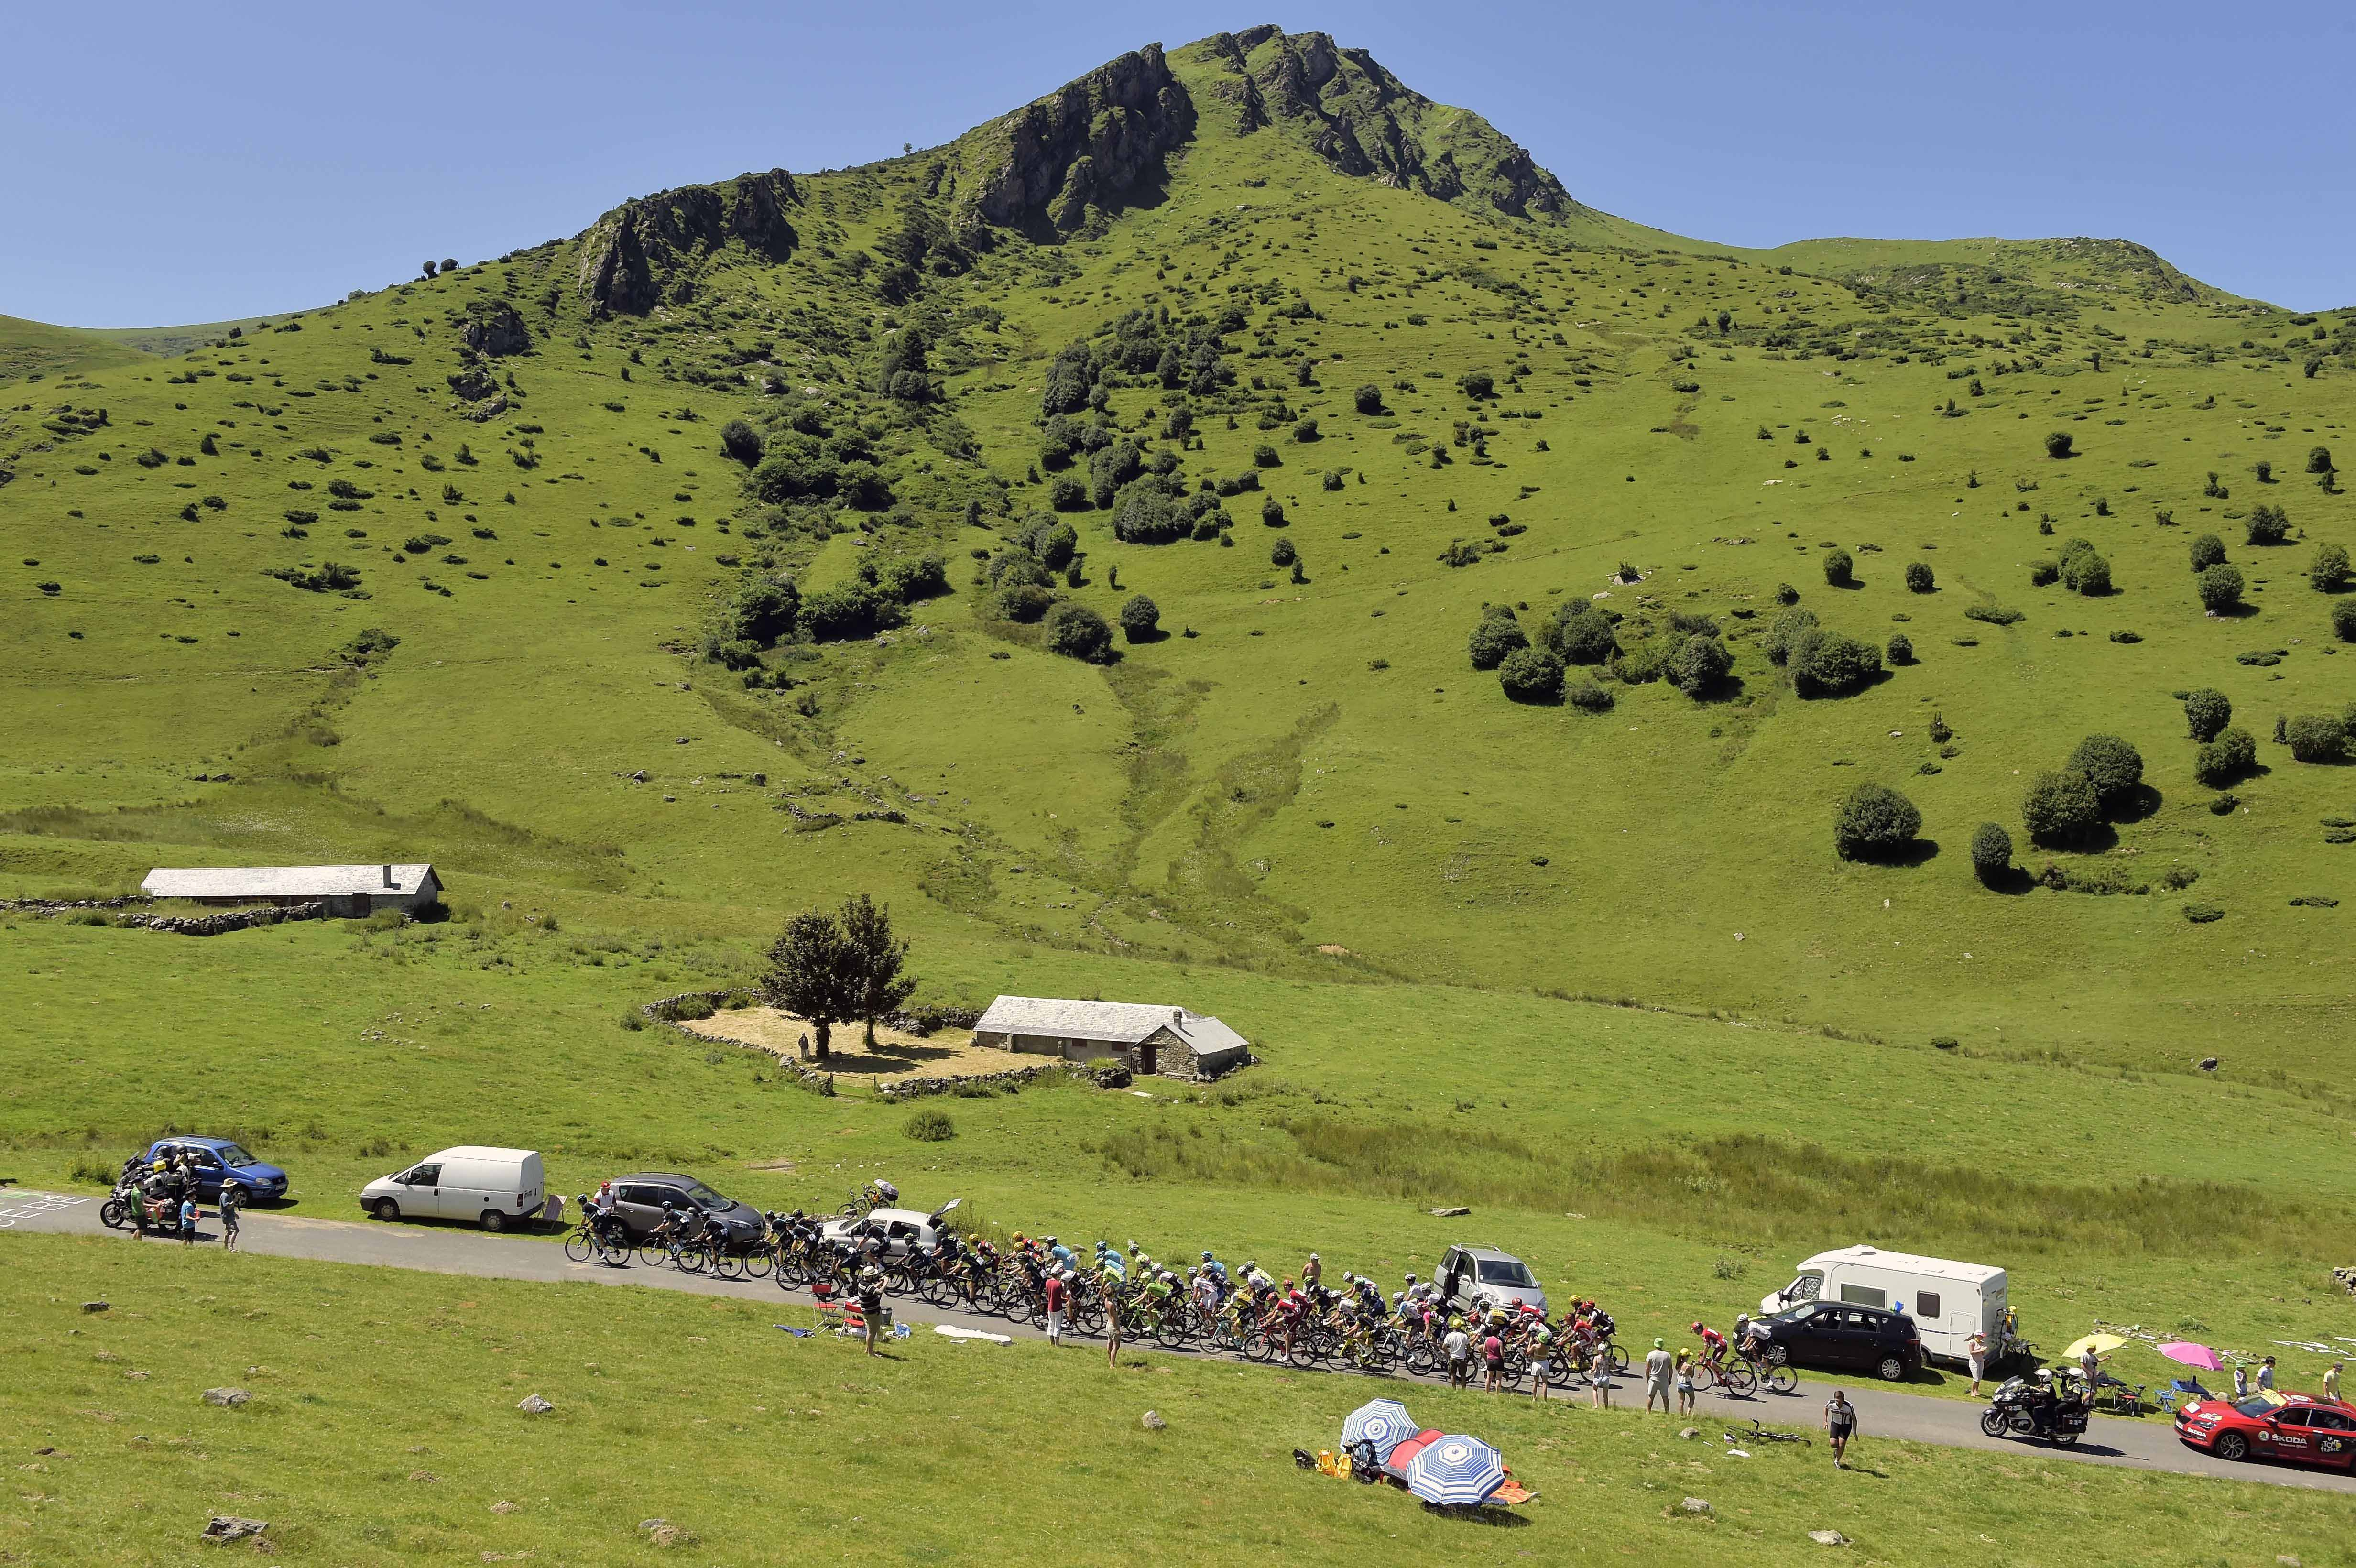 Cyclisme - Tour de France - Tour 2017 : Moins de cols et pourtant encore plus difficile